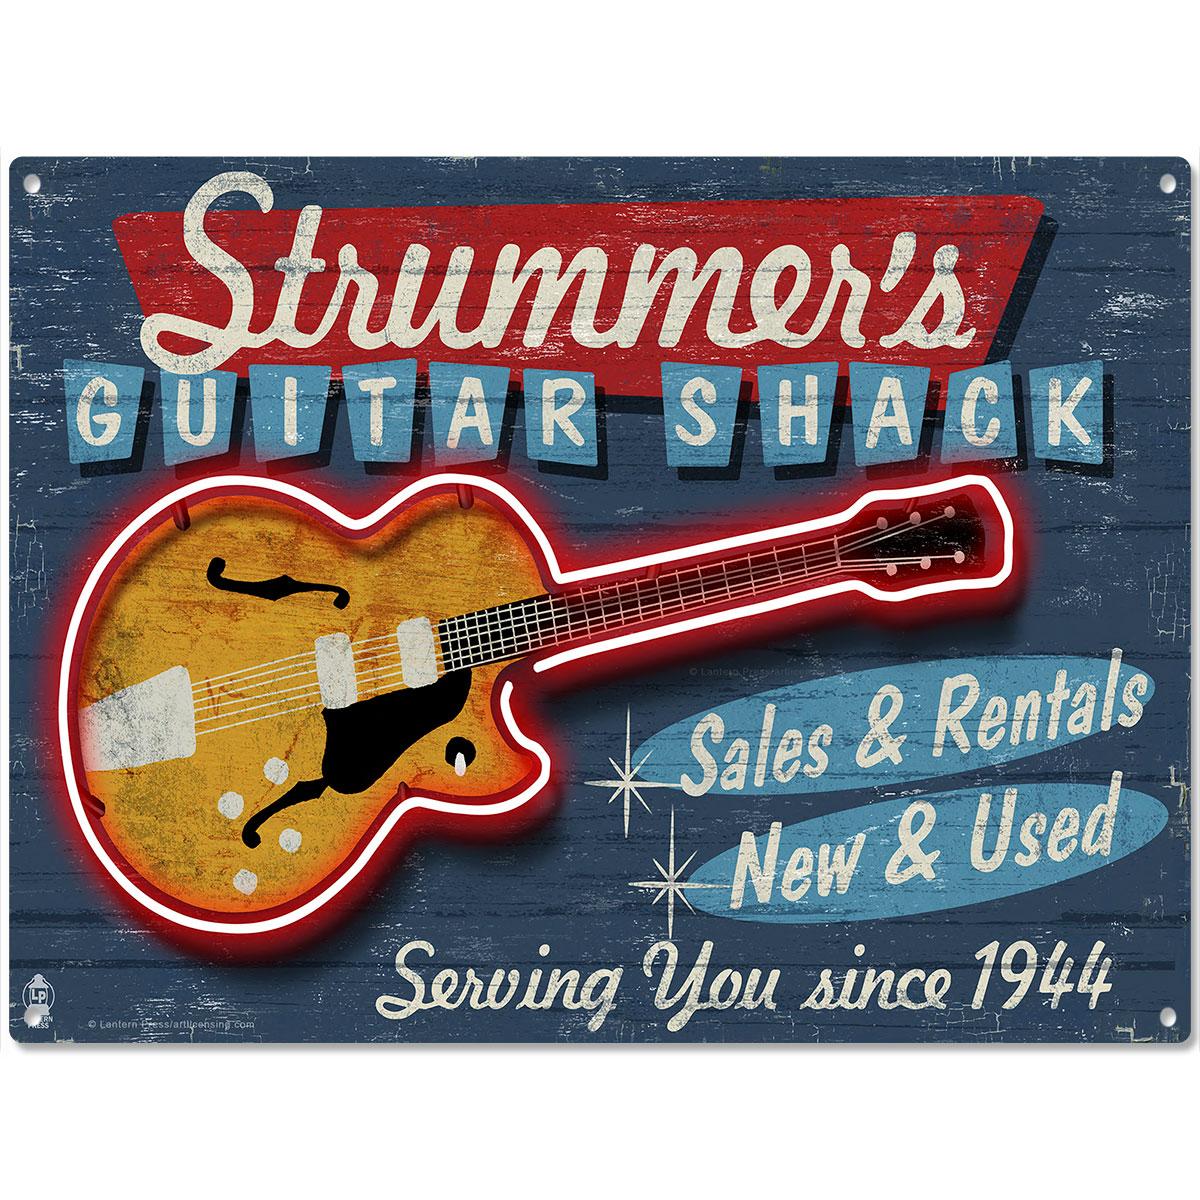 strummers guitar shack music shop metal sign vintage style bar decor 16 x 12 ebay. Black Bedroom Furniture Sets. Home Design Ideas